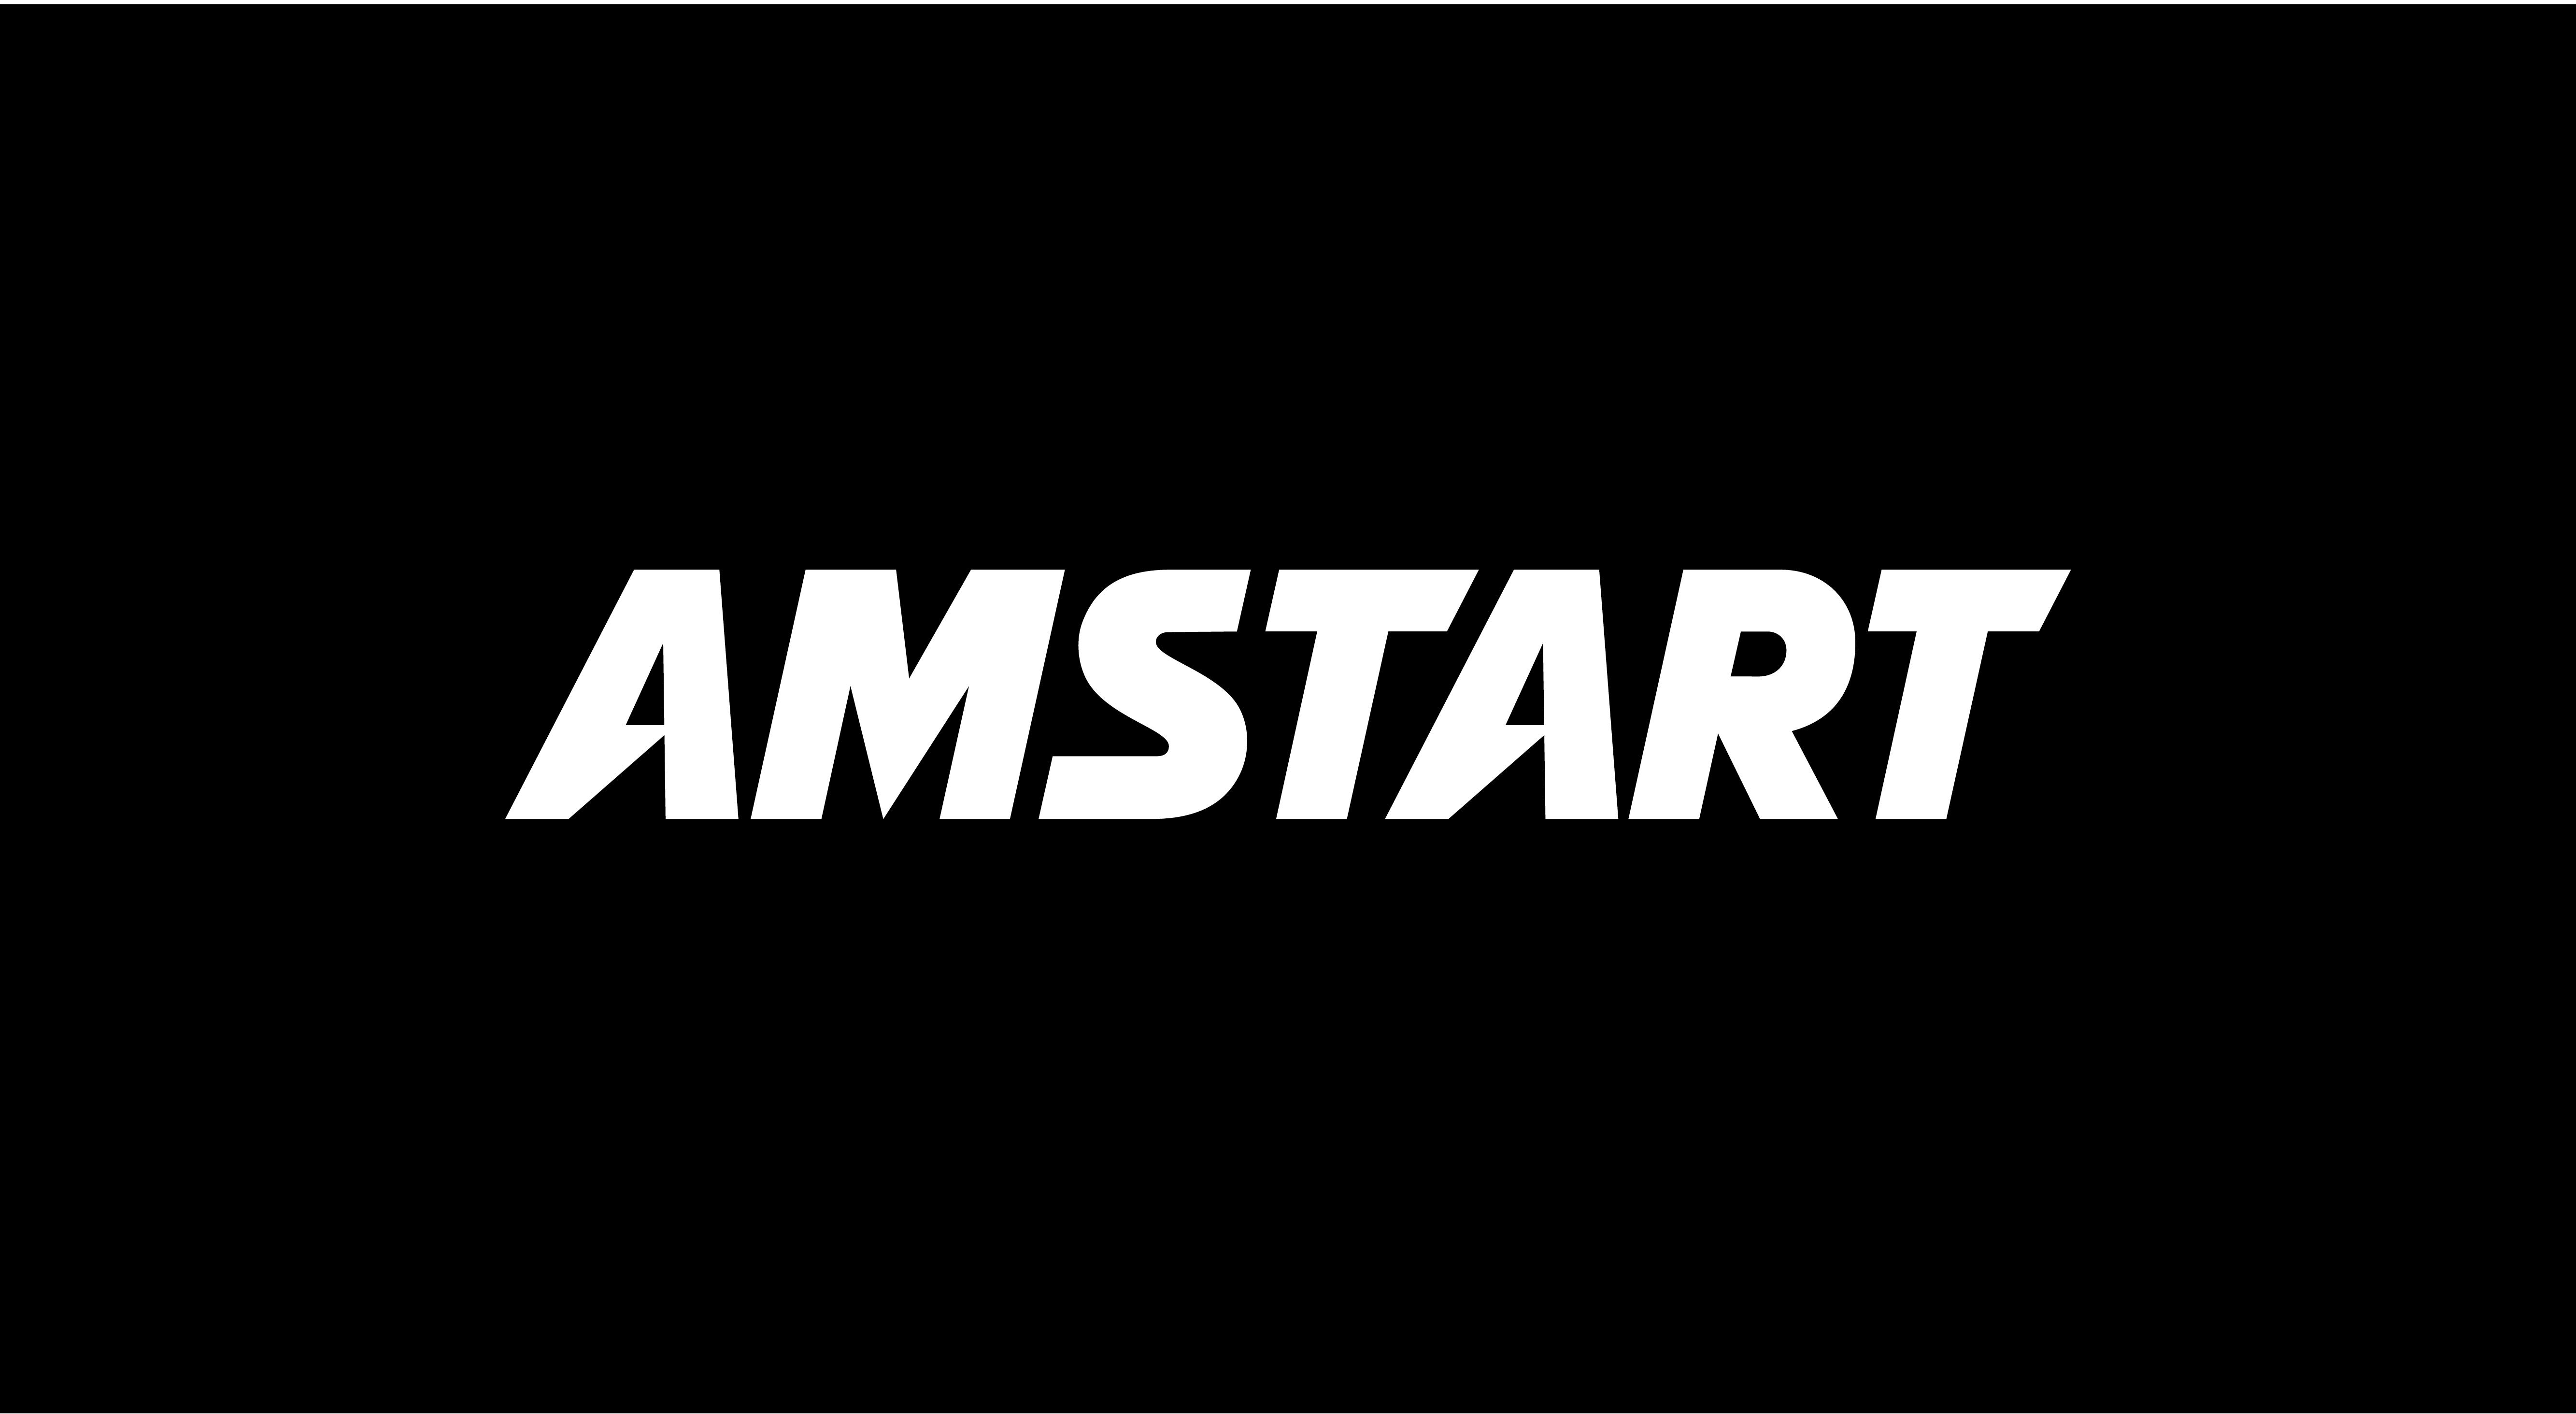 Amstart